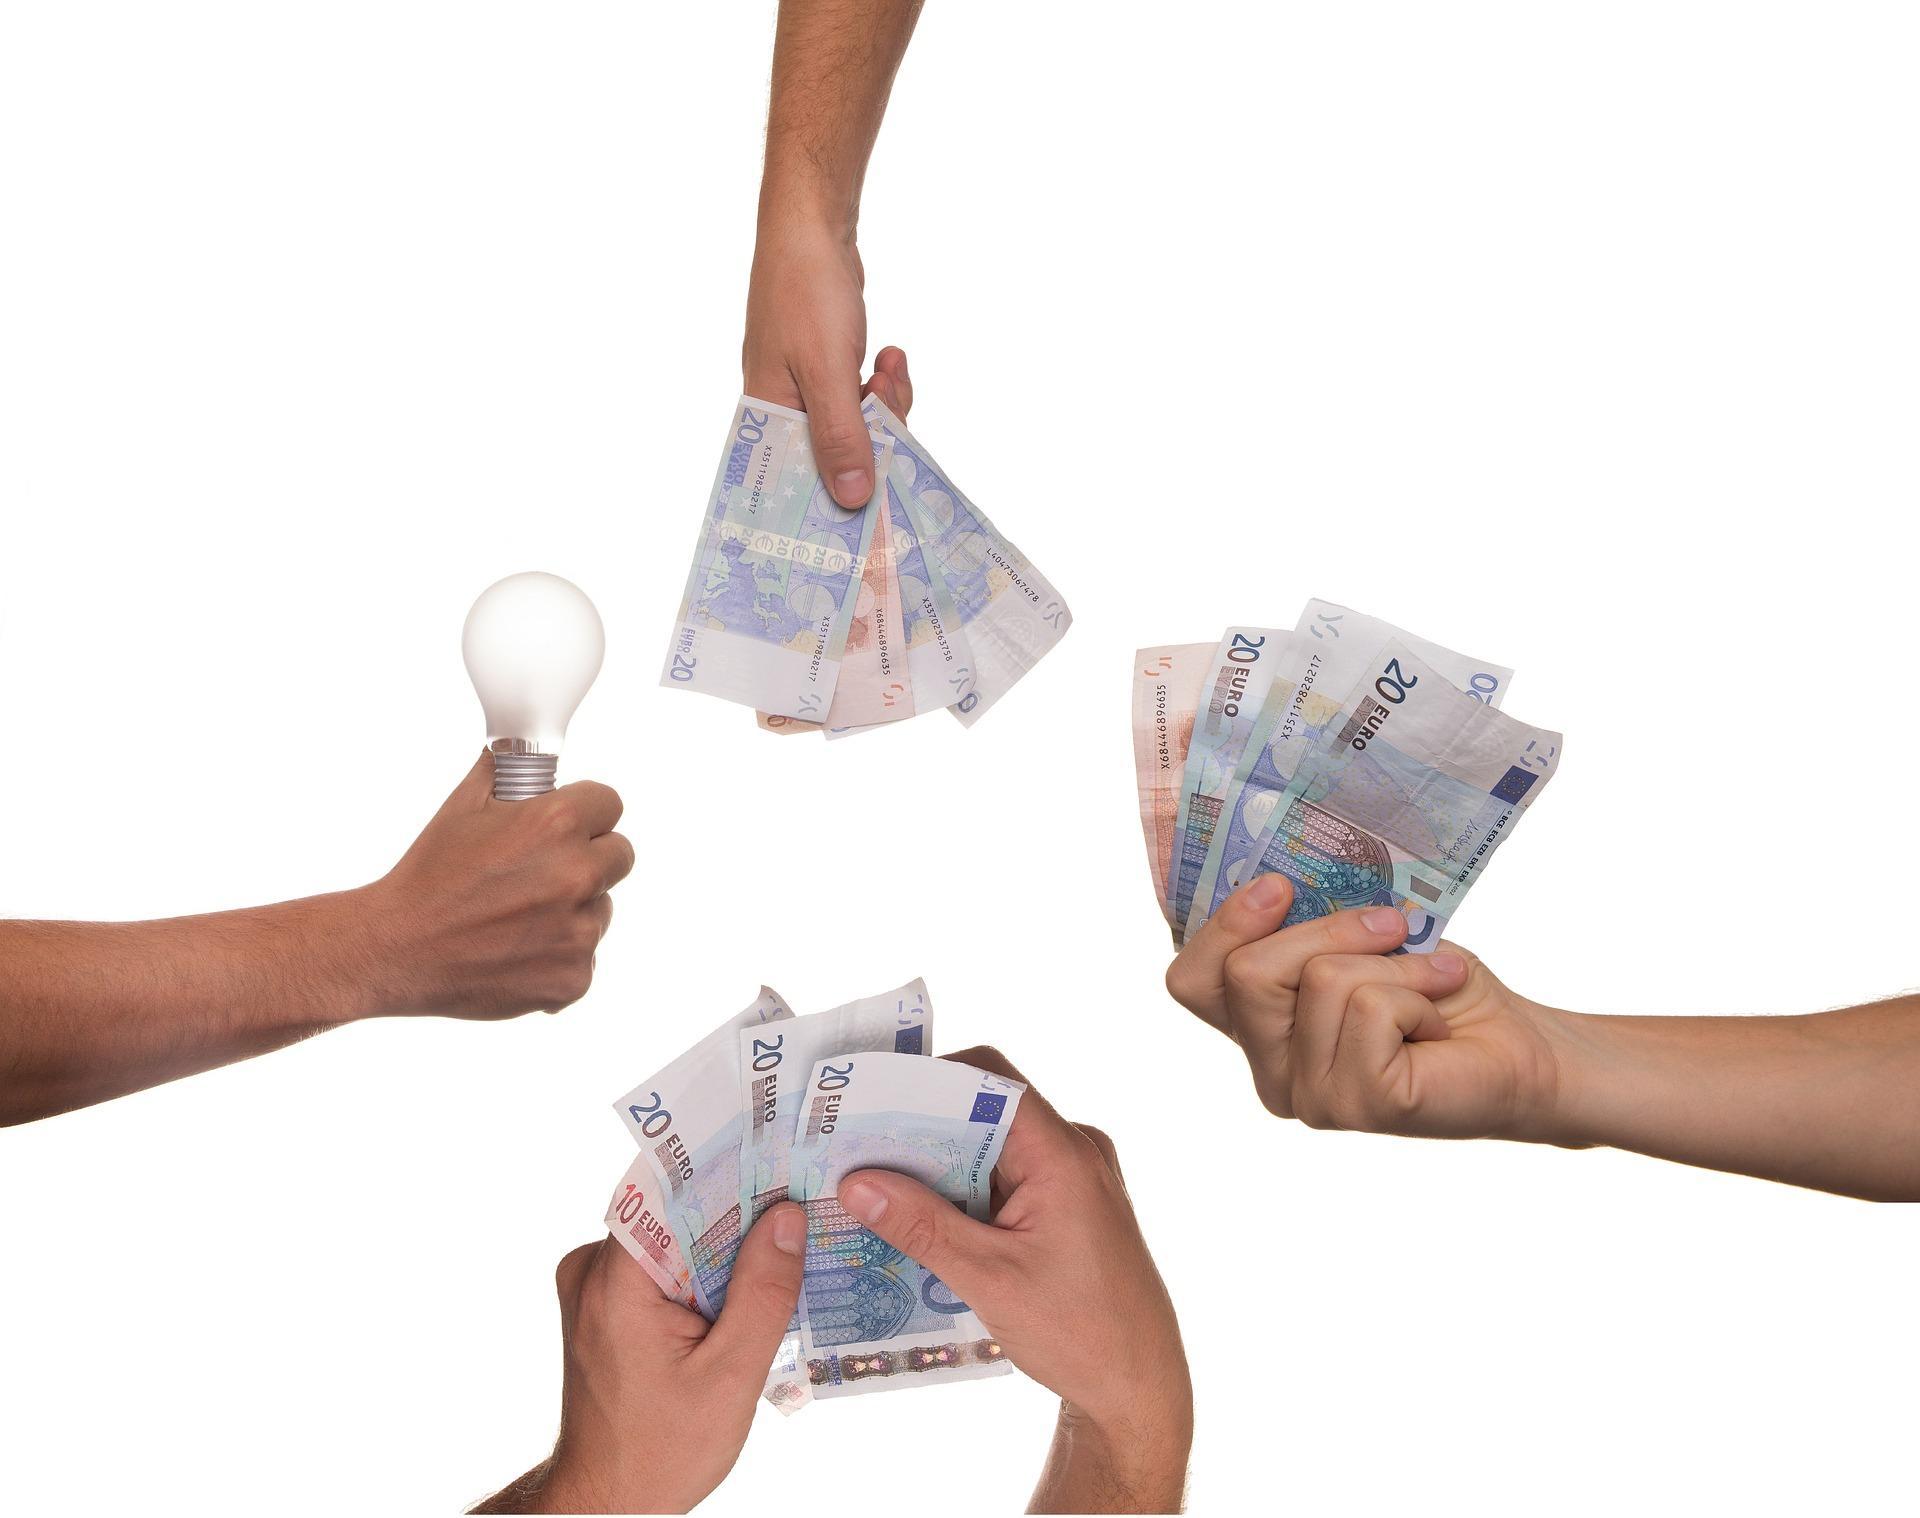 Risparmio fiscale negli investimenti crowdfunding conviene davvero